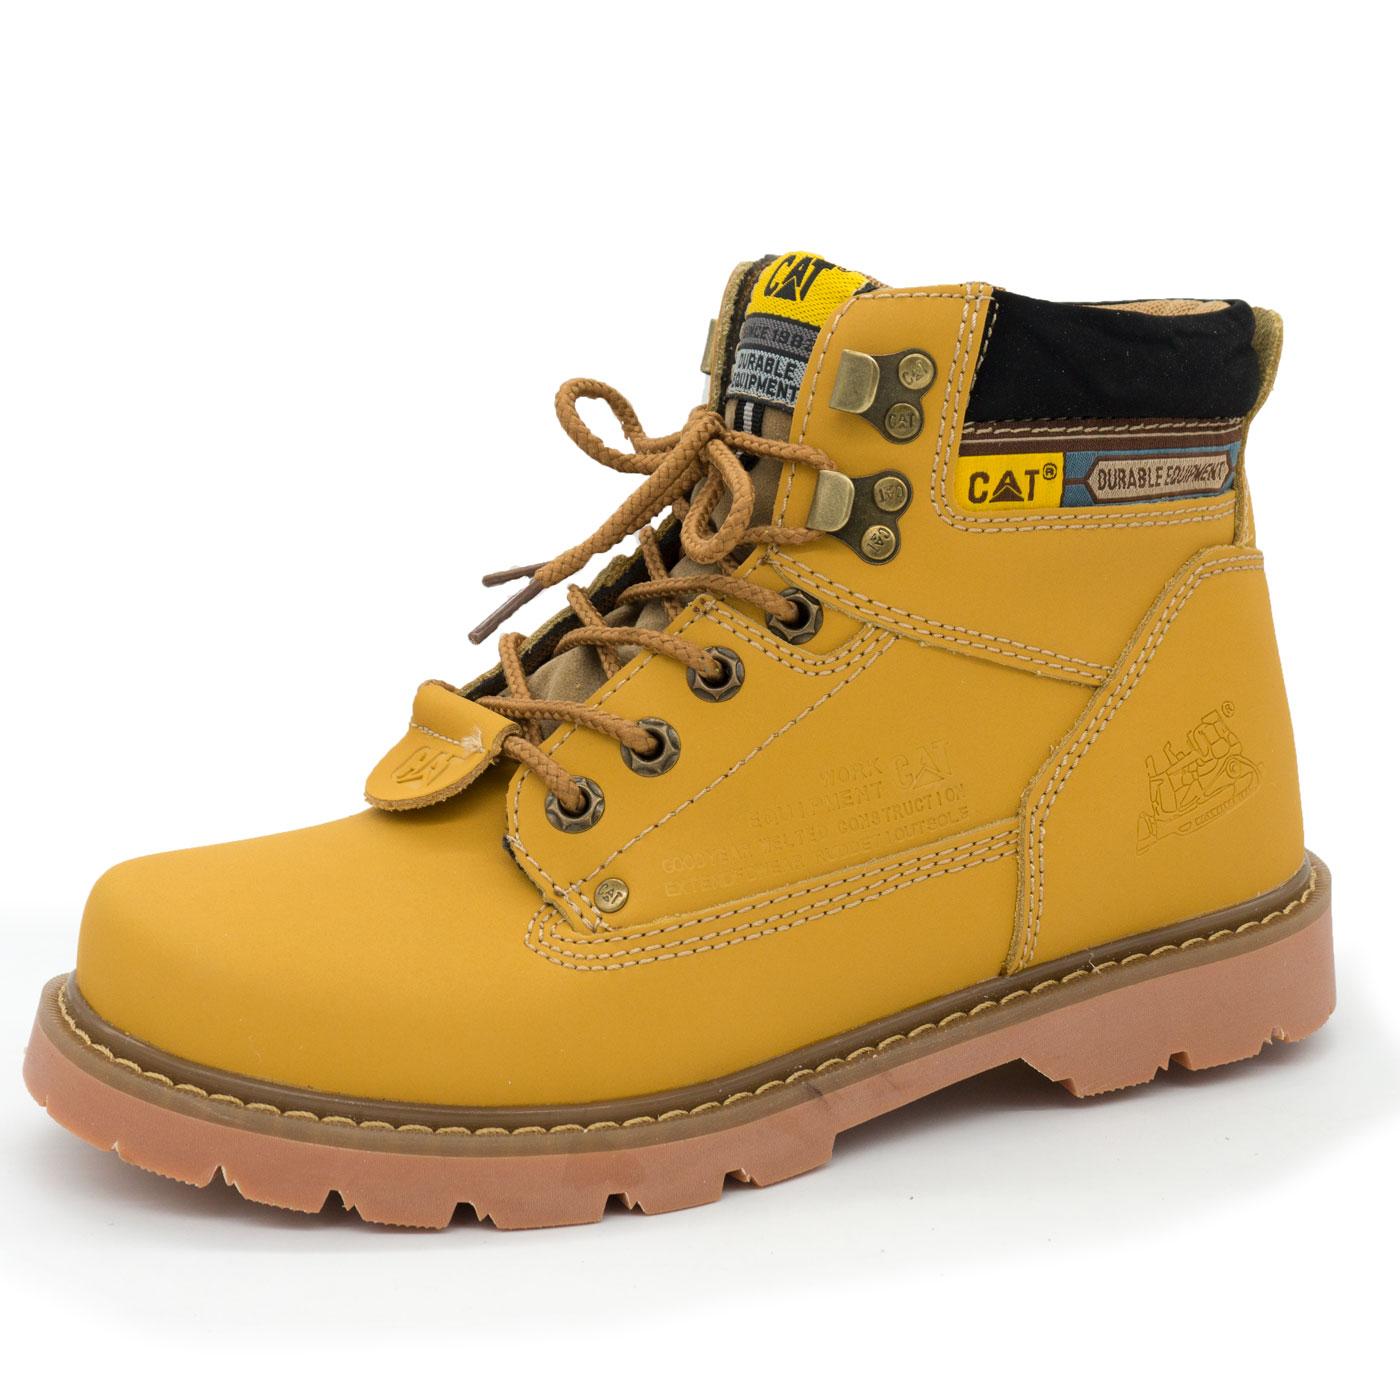 фото main Желтые женские ботинки CAT (катерпиллер)  main